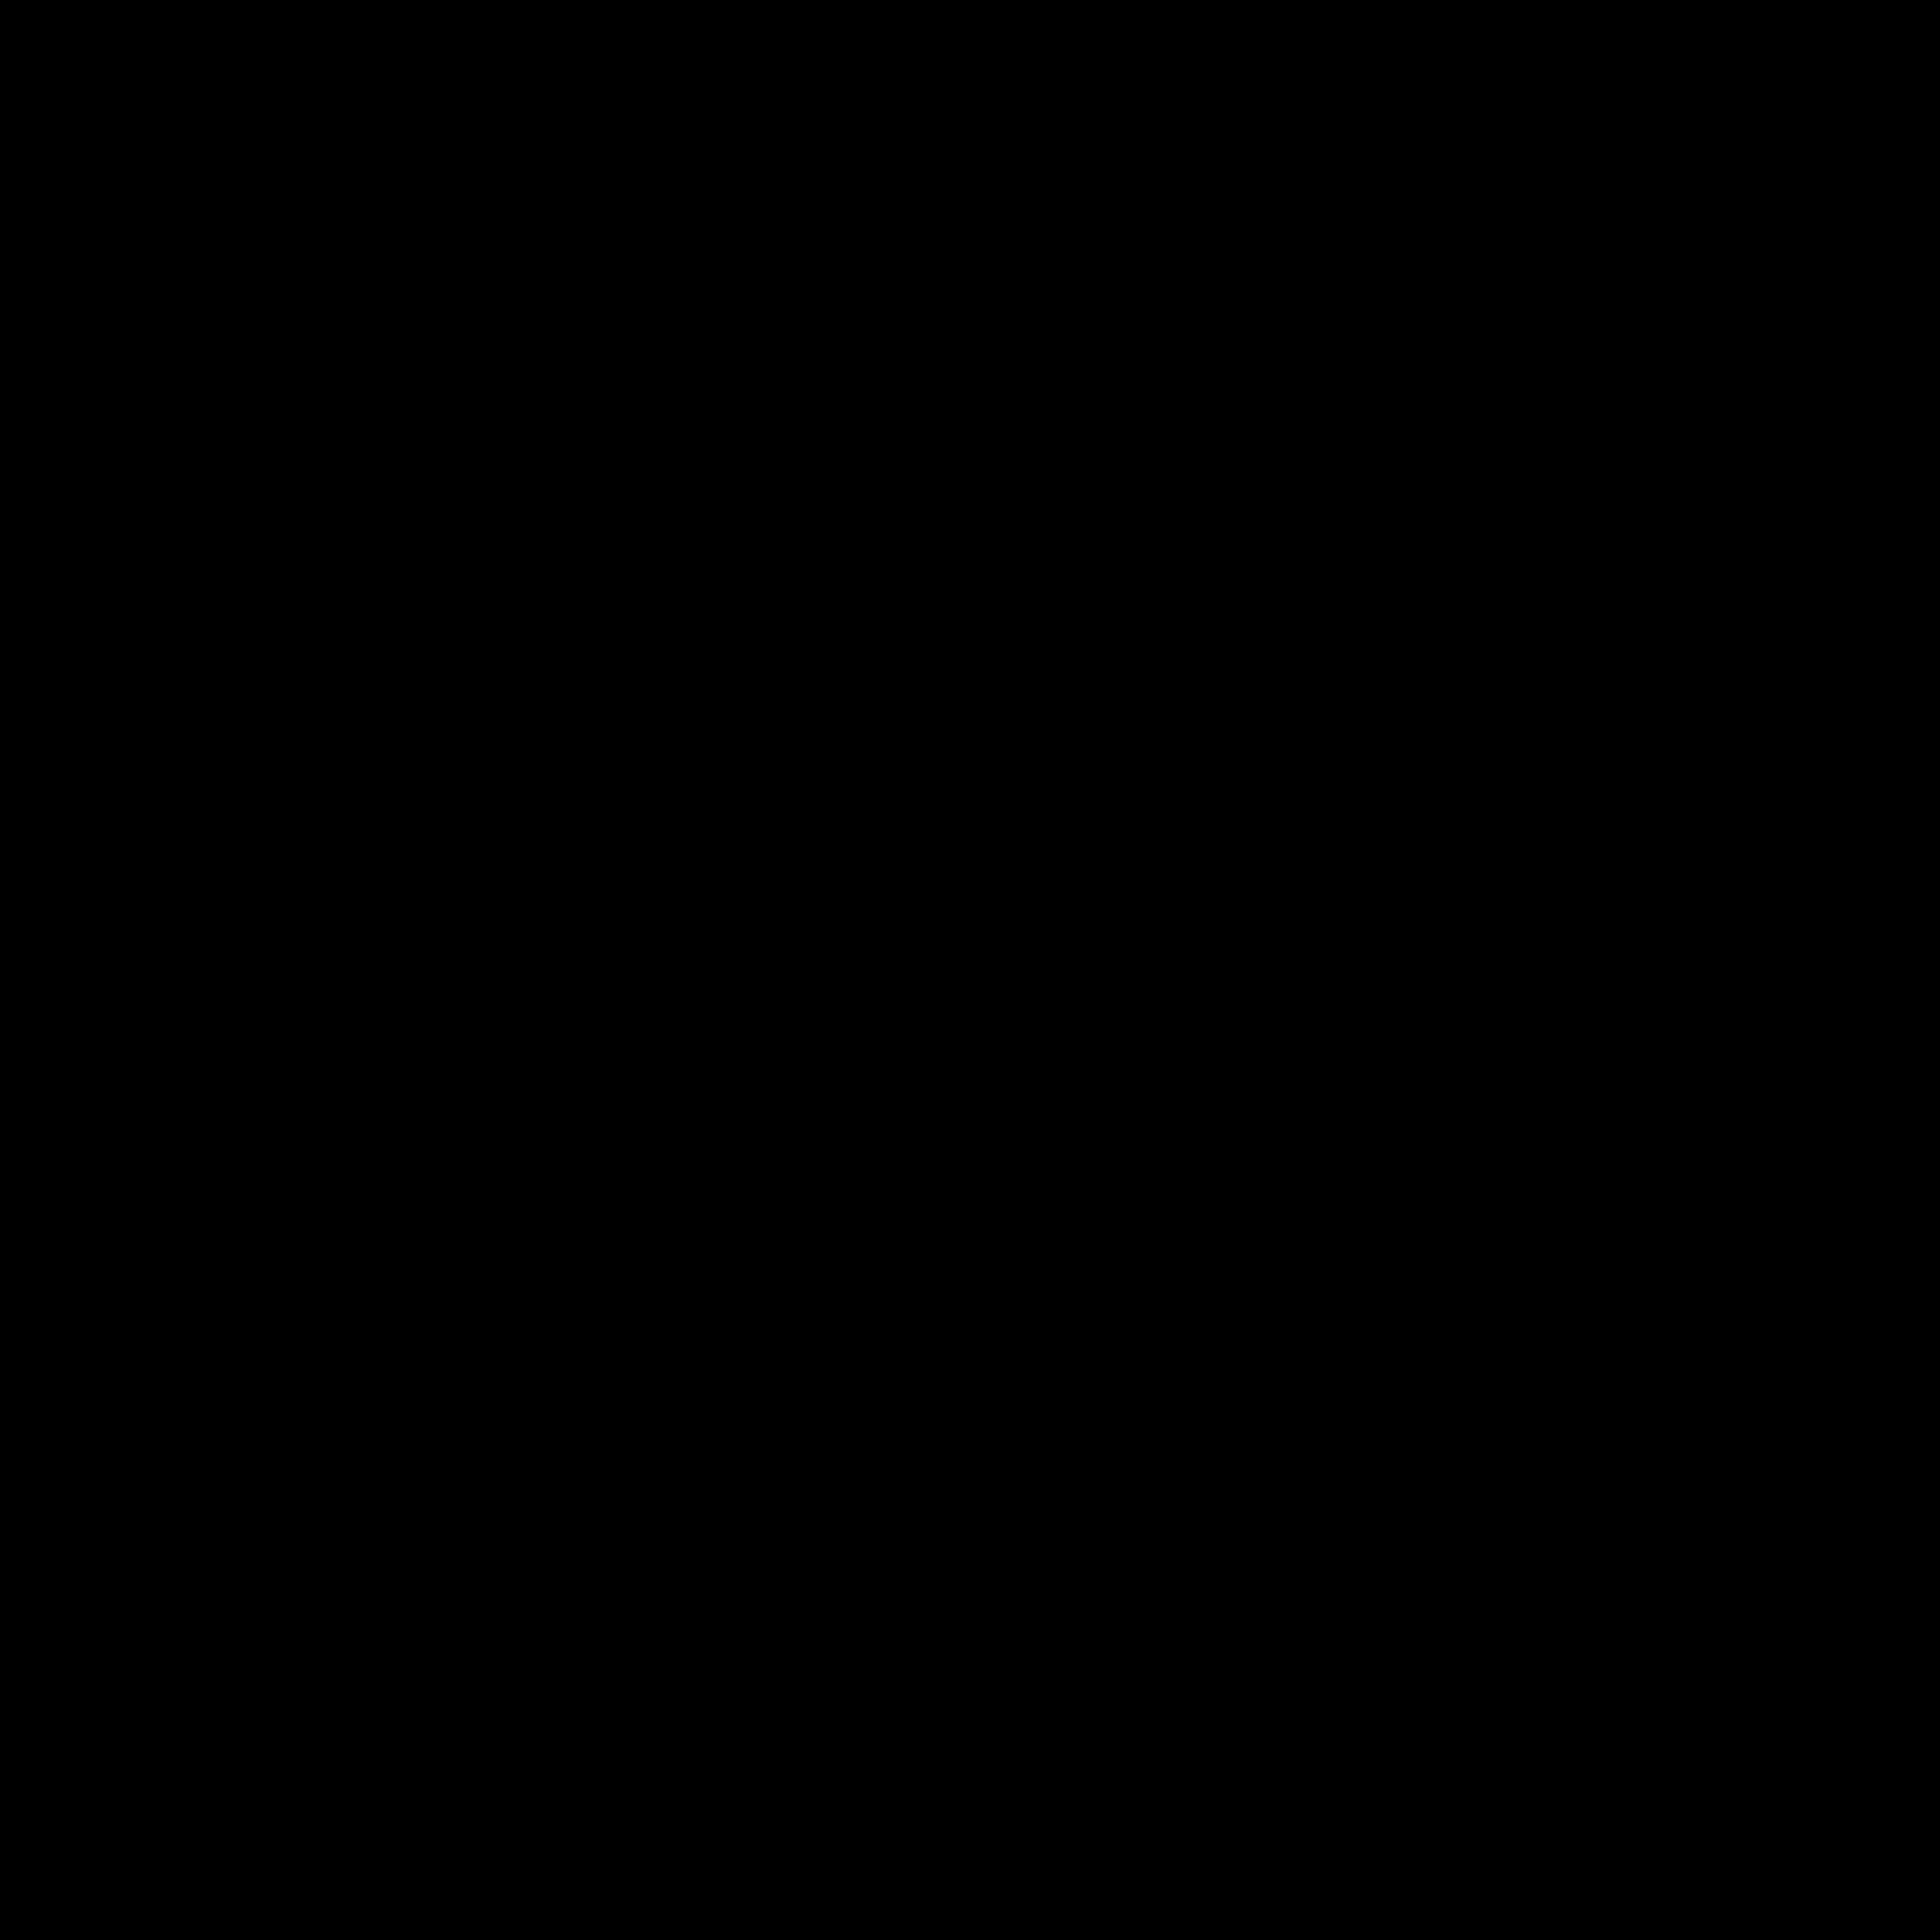 Transparent Fishnet Pattern Background